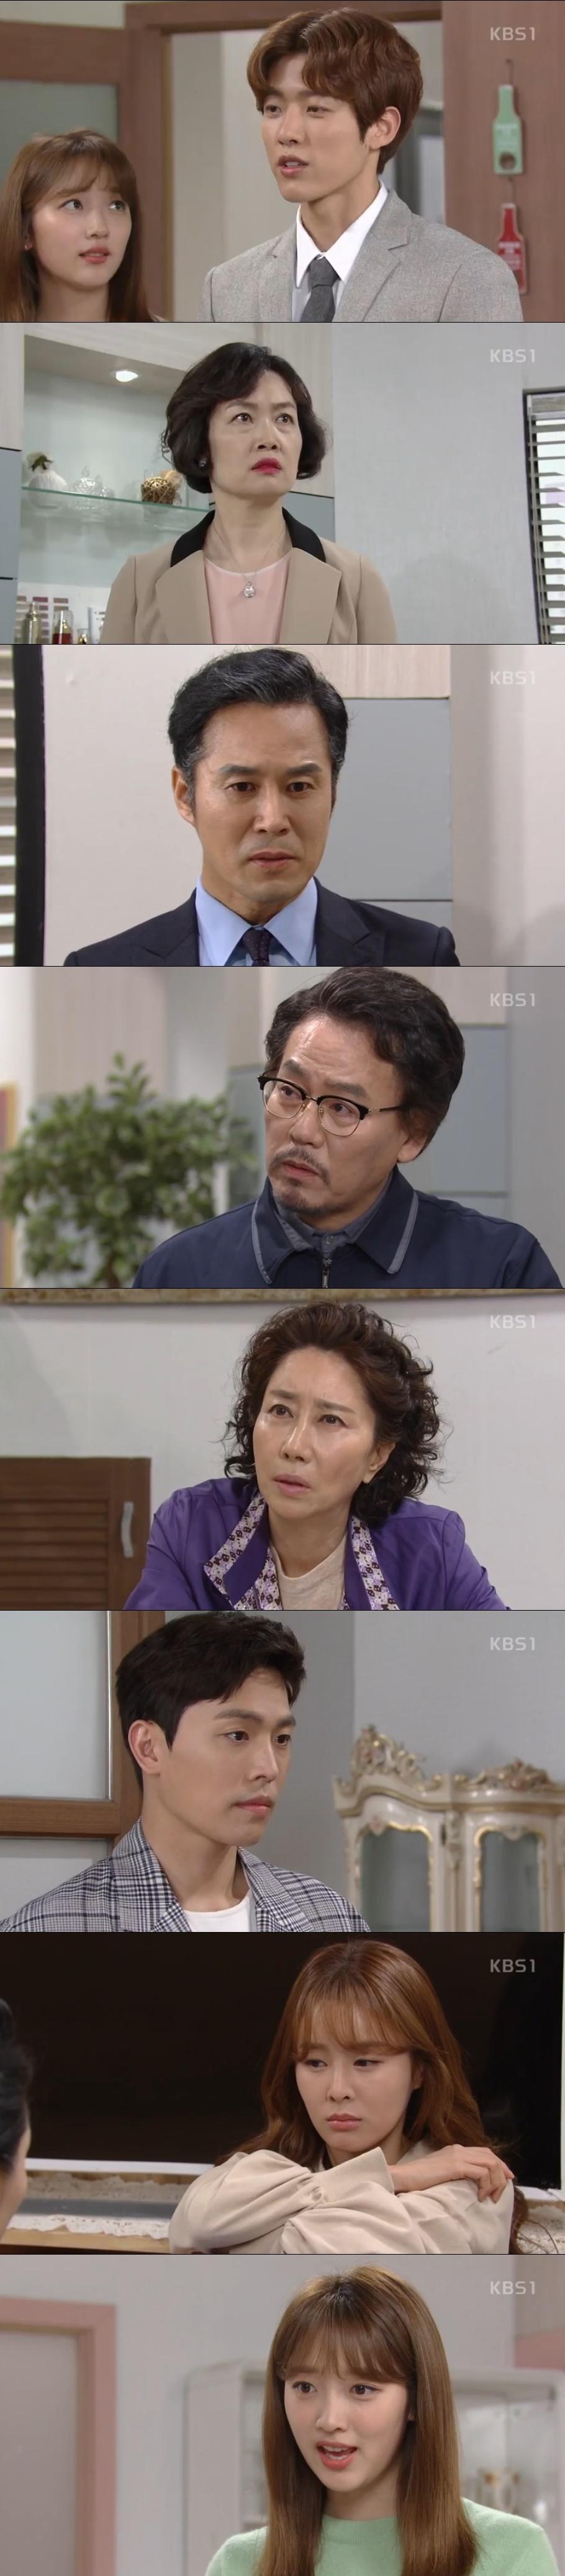 [종합]'미워도 사랑해' 이성열, 박이수 공개한 母 동영상에 '망연자실'